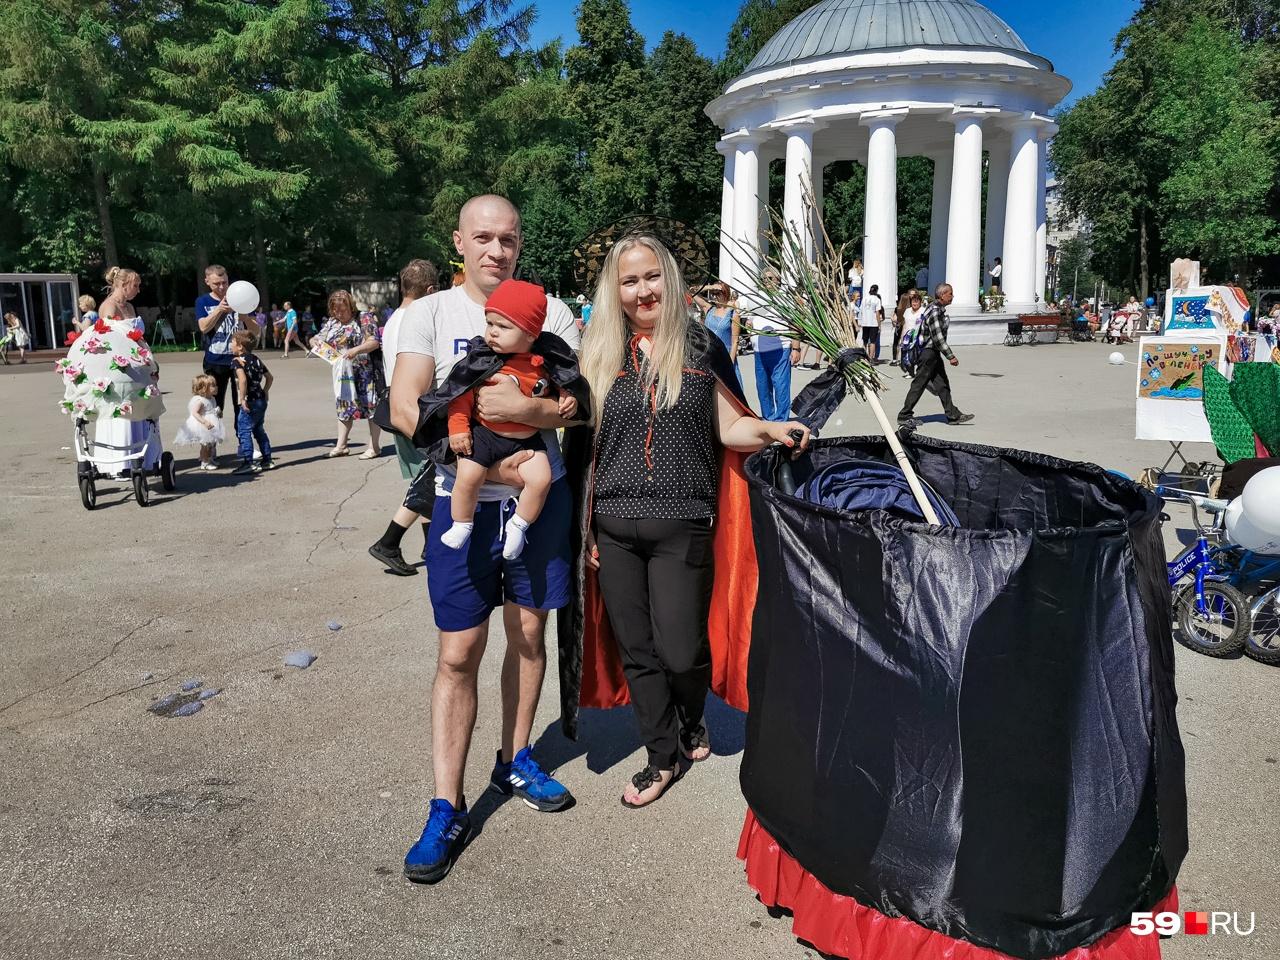 Неожиданное оформление: детская коляска в виде ведьминского котла, мама — в костюме ведьмы, а сын — чертенок